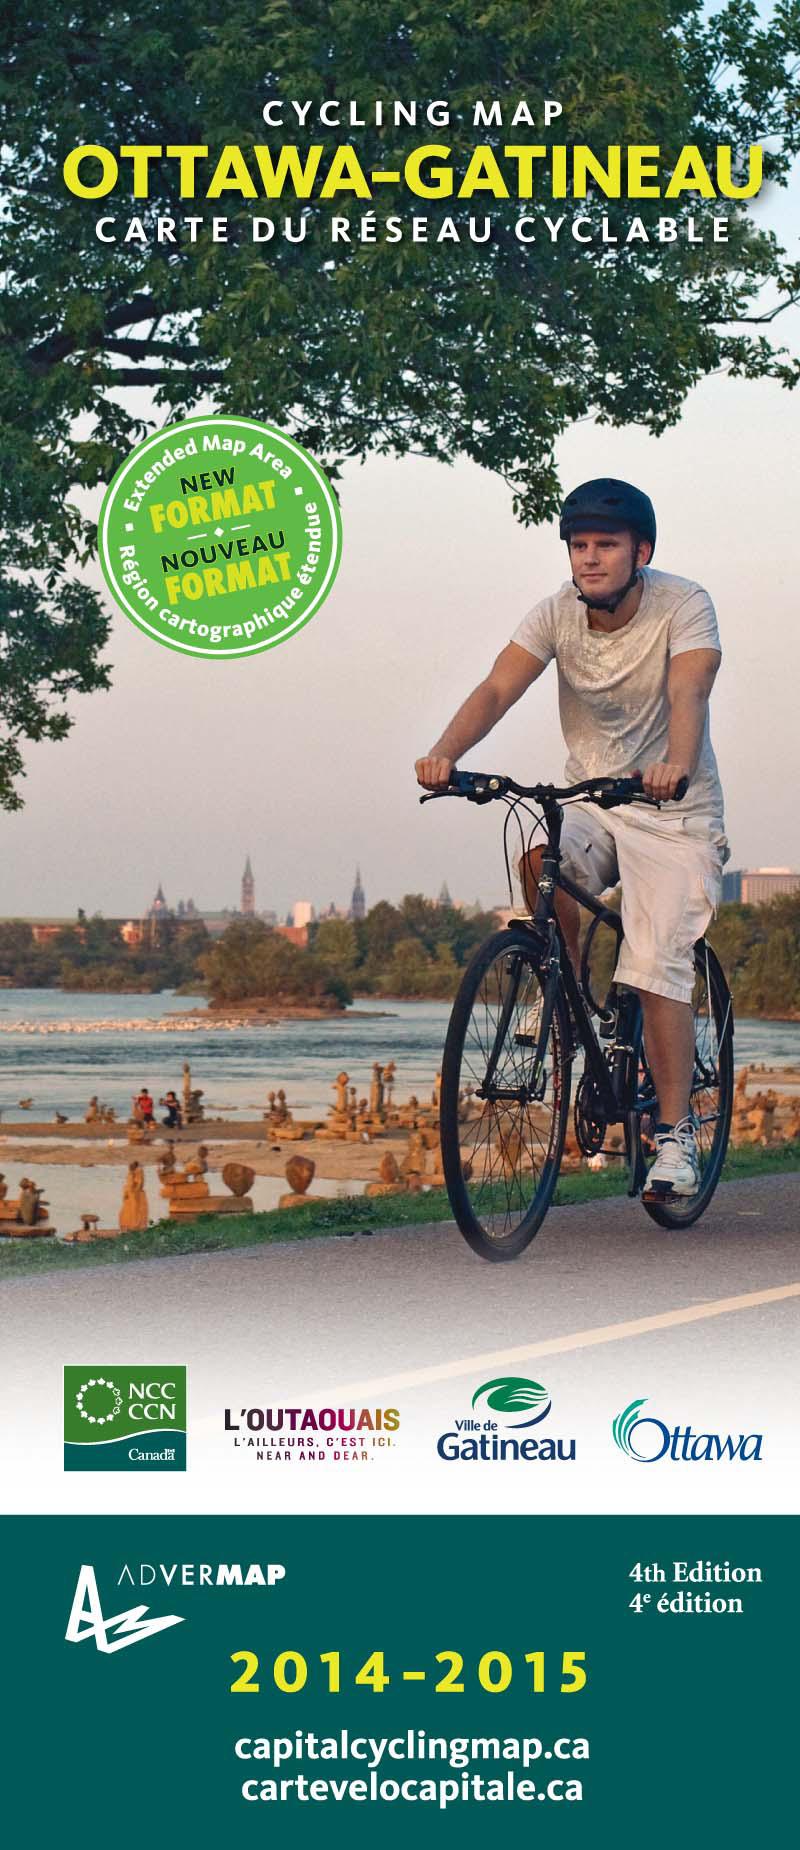 OttawaGatineau Cycling Map 4th Edition